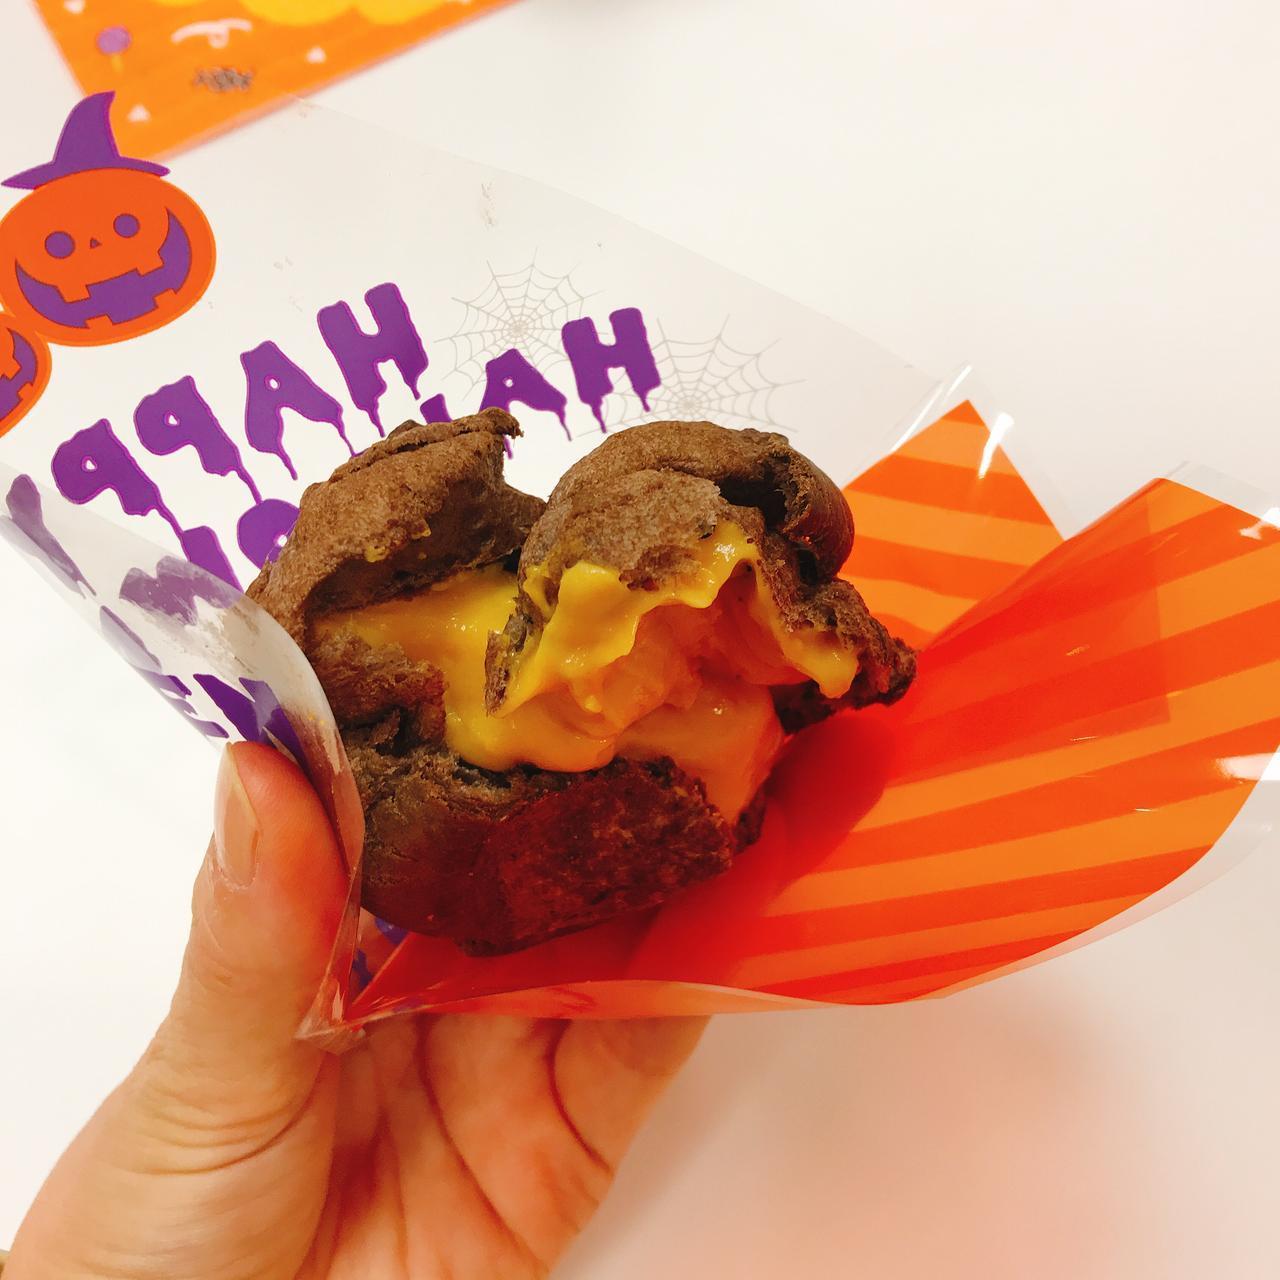 画像4: 【試食レポ】ハロウィン限定!ビアードパパの「ブラックハロウィンパンプキンシュー」新発売!